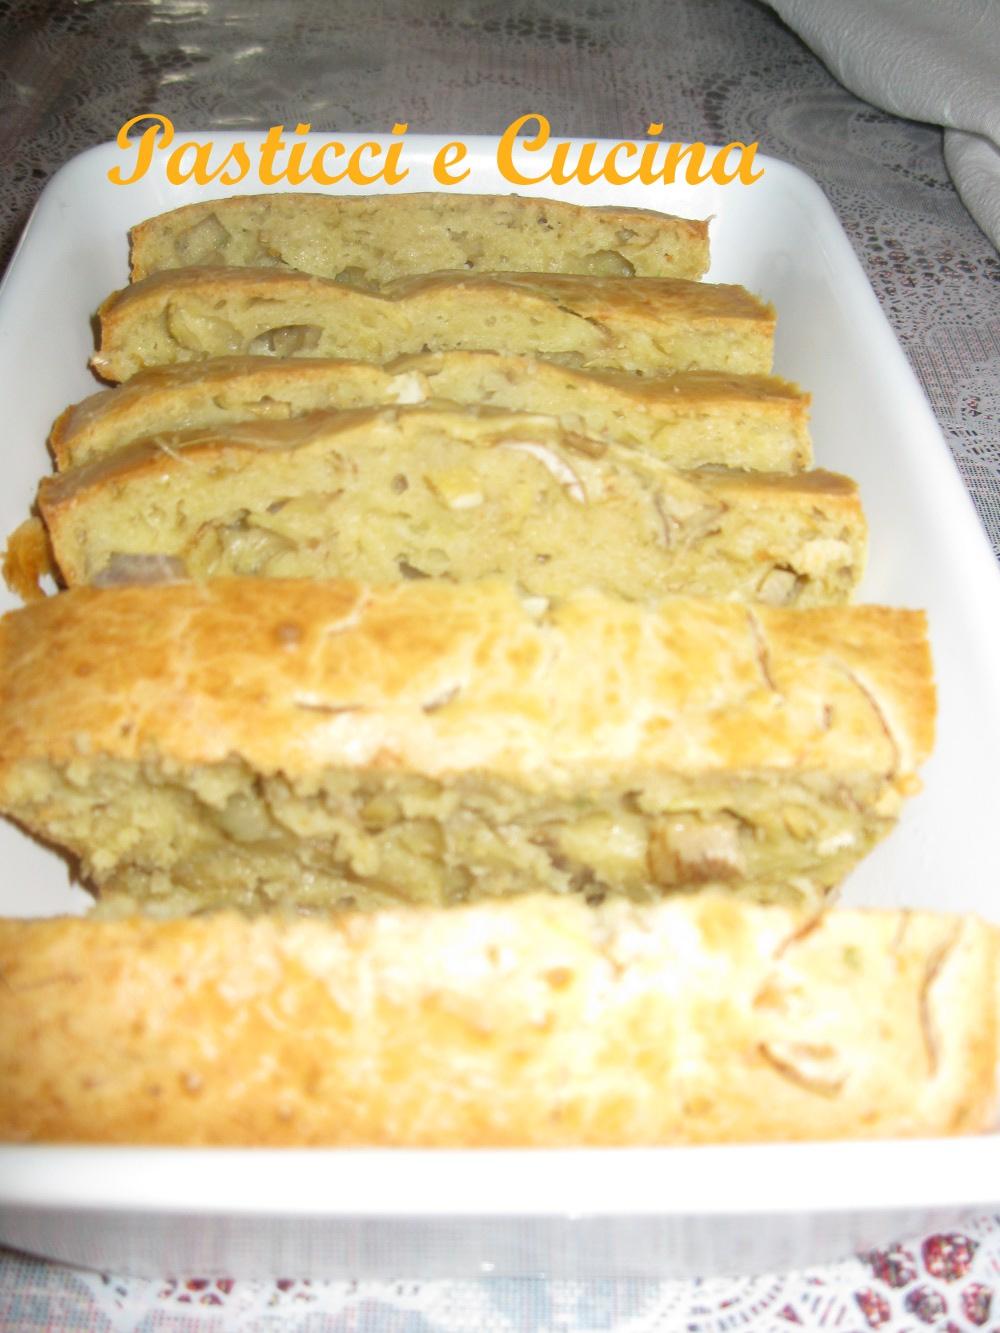 Pasticci e cucina plum cake di carciofi - Cucina e pasticci ...